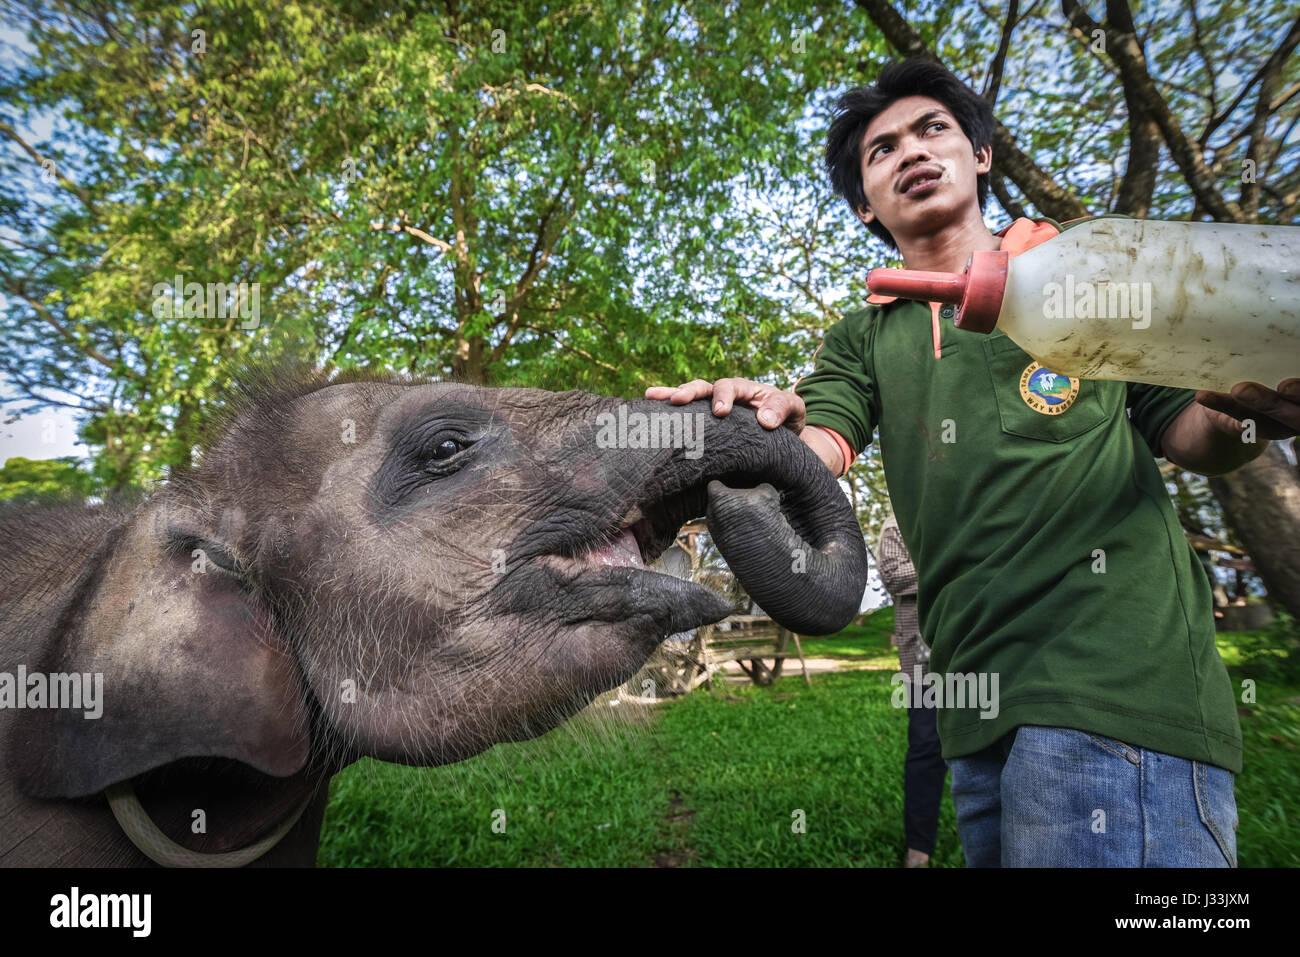 Milch-Zeit für Yekti, ein Elefant Kalb, die nach gerettet gefunden verletzten und getrennt von seiner Herde Stockbild